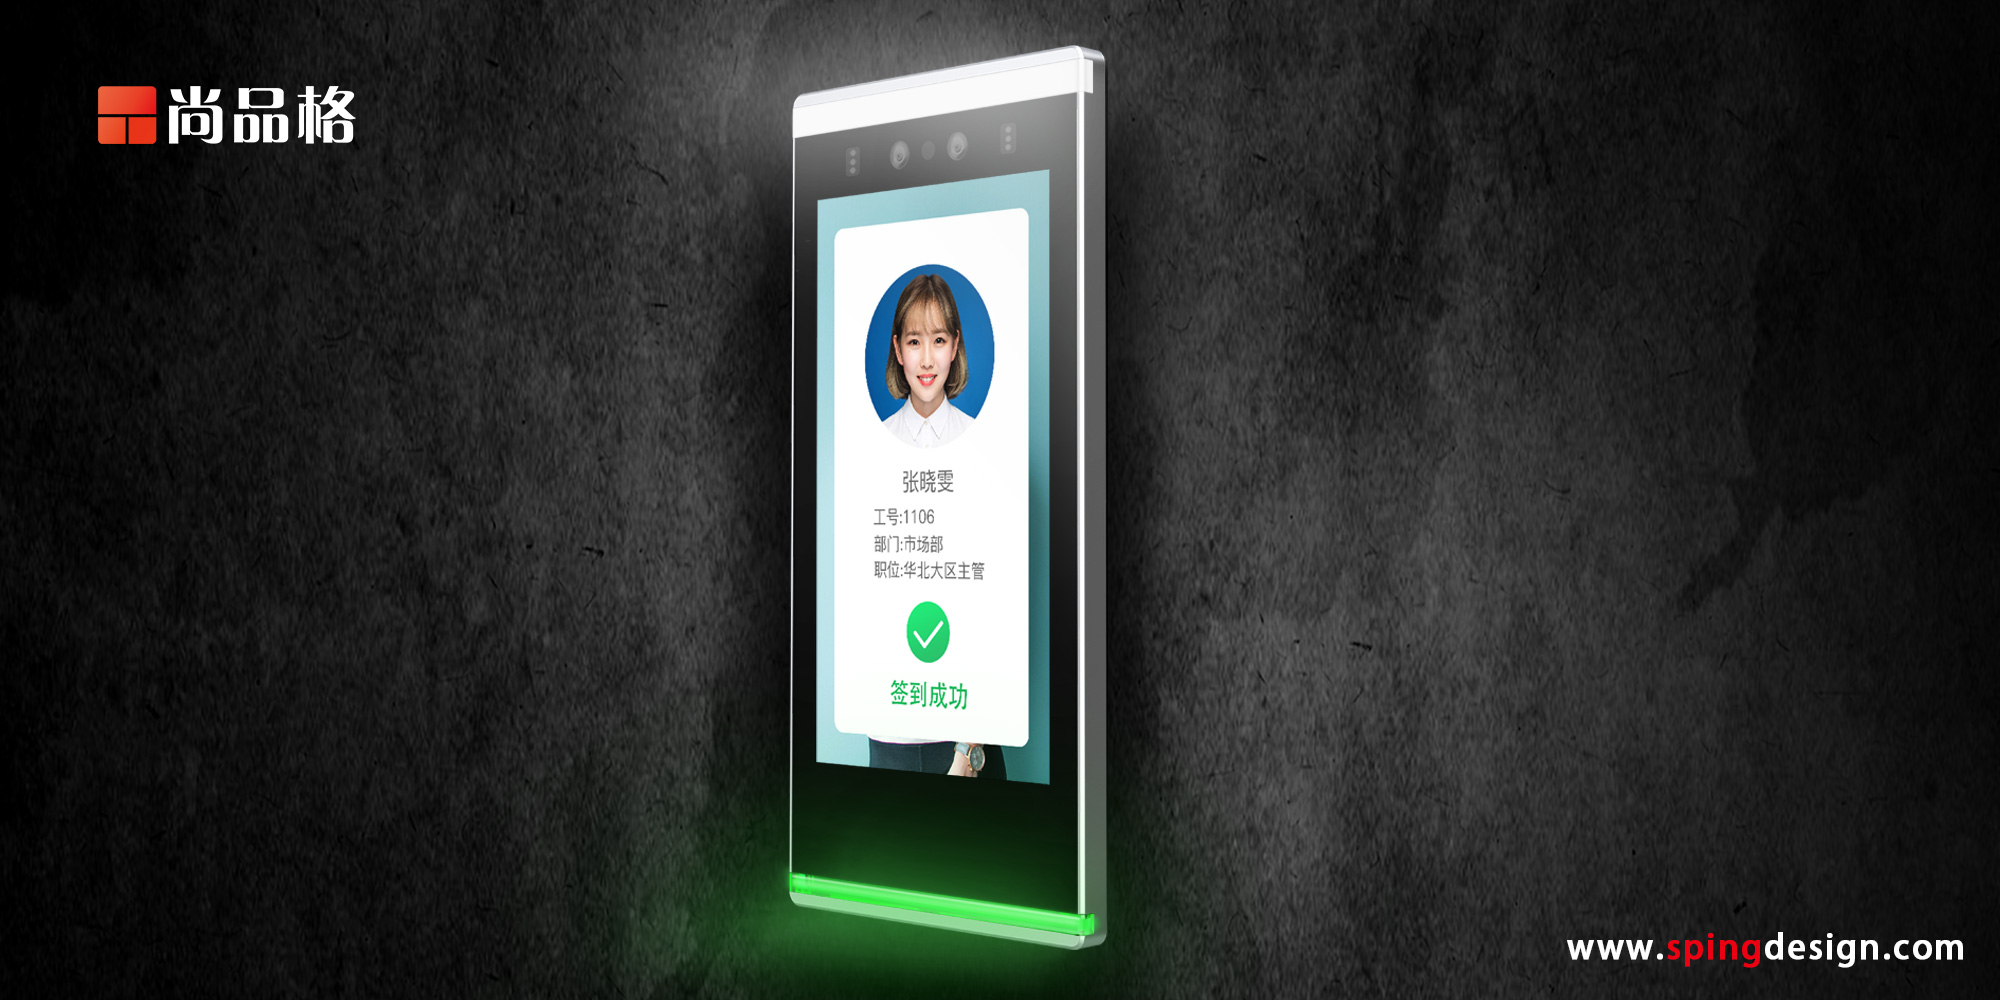 消费电子人工智能打卡机红外识别签到器工业外观UI设计结构设计